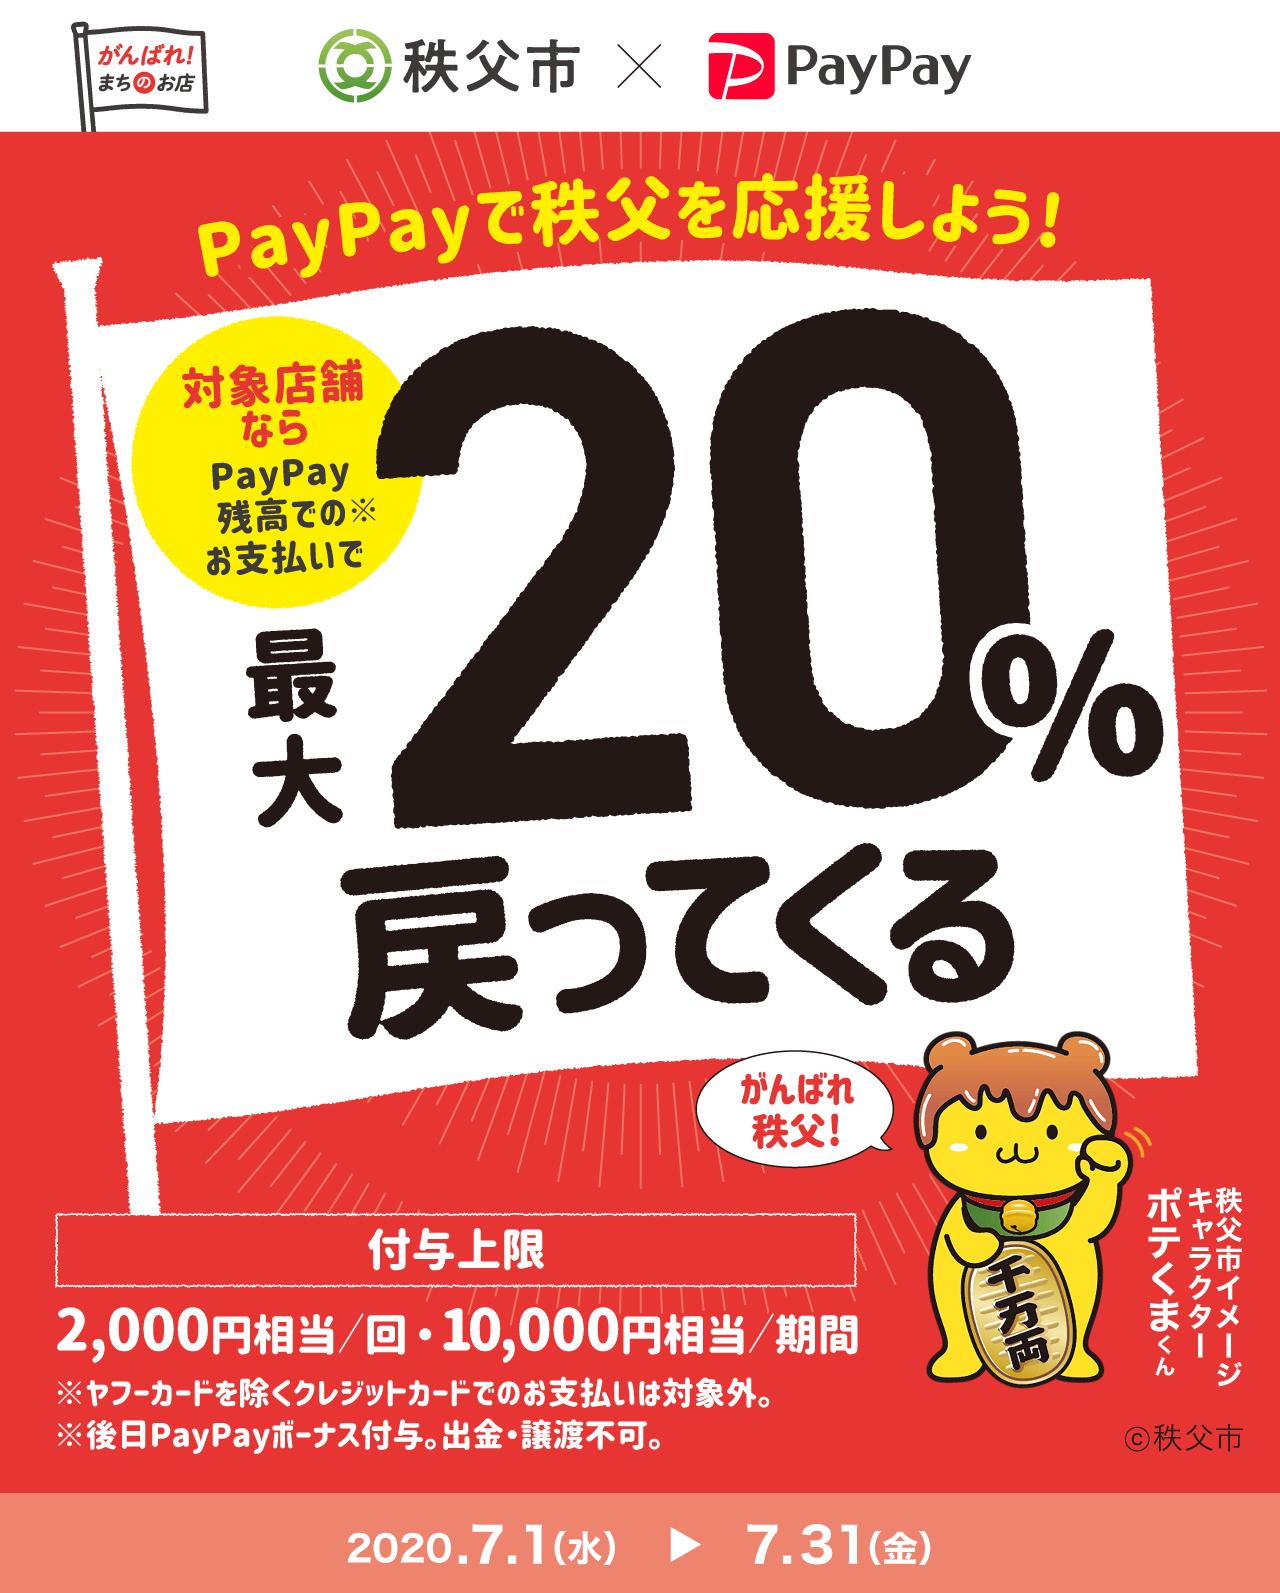 PayPayで秩父を応援しよう! 対象店舗ならPayPay残高でのお支払いで 最大20%戻ってくる